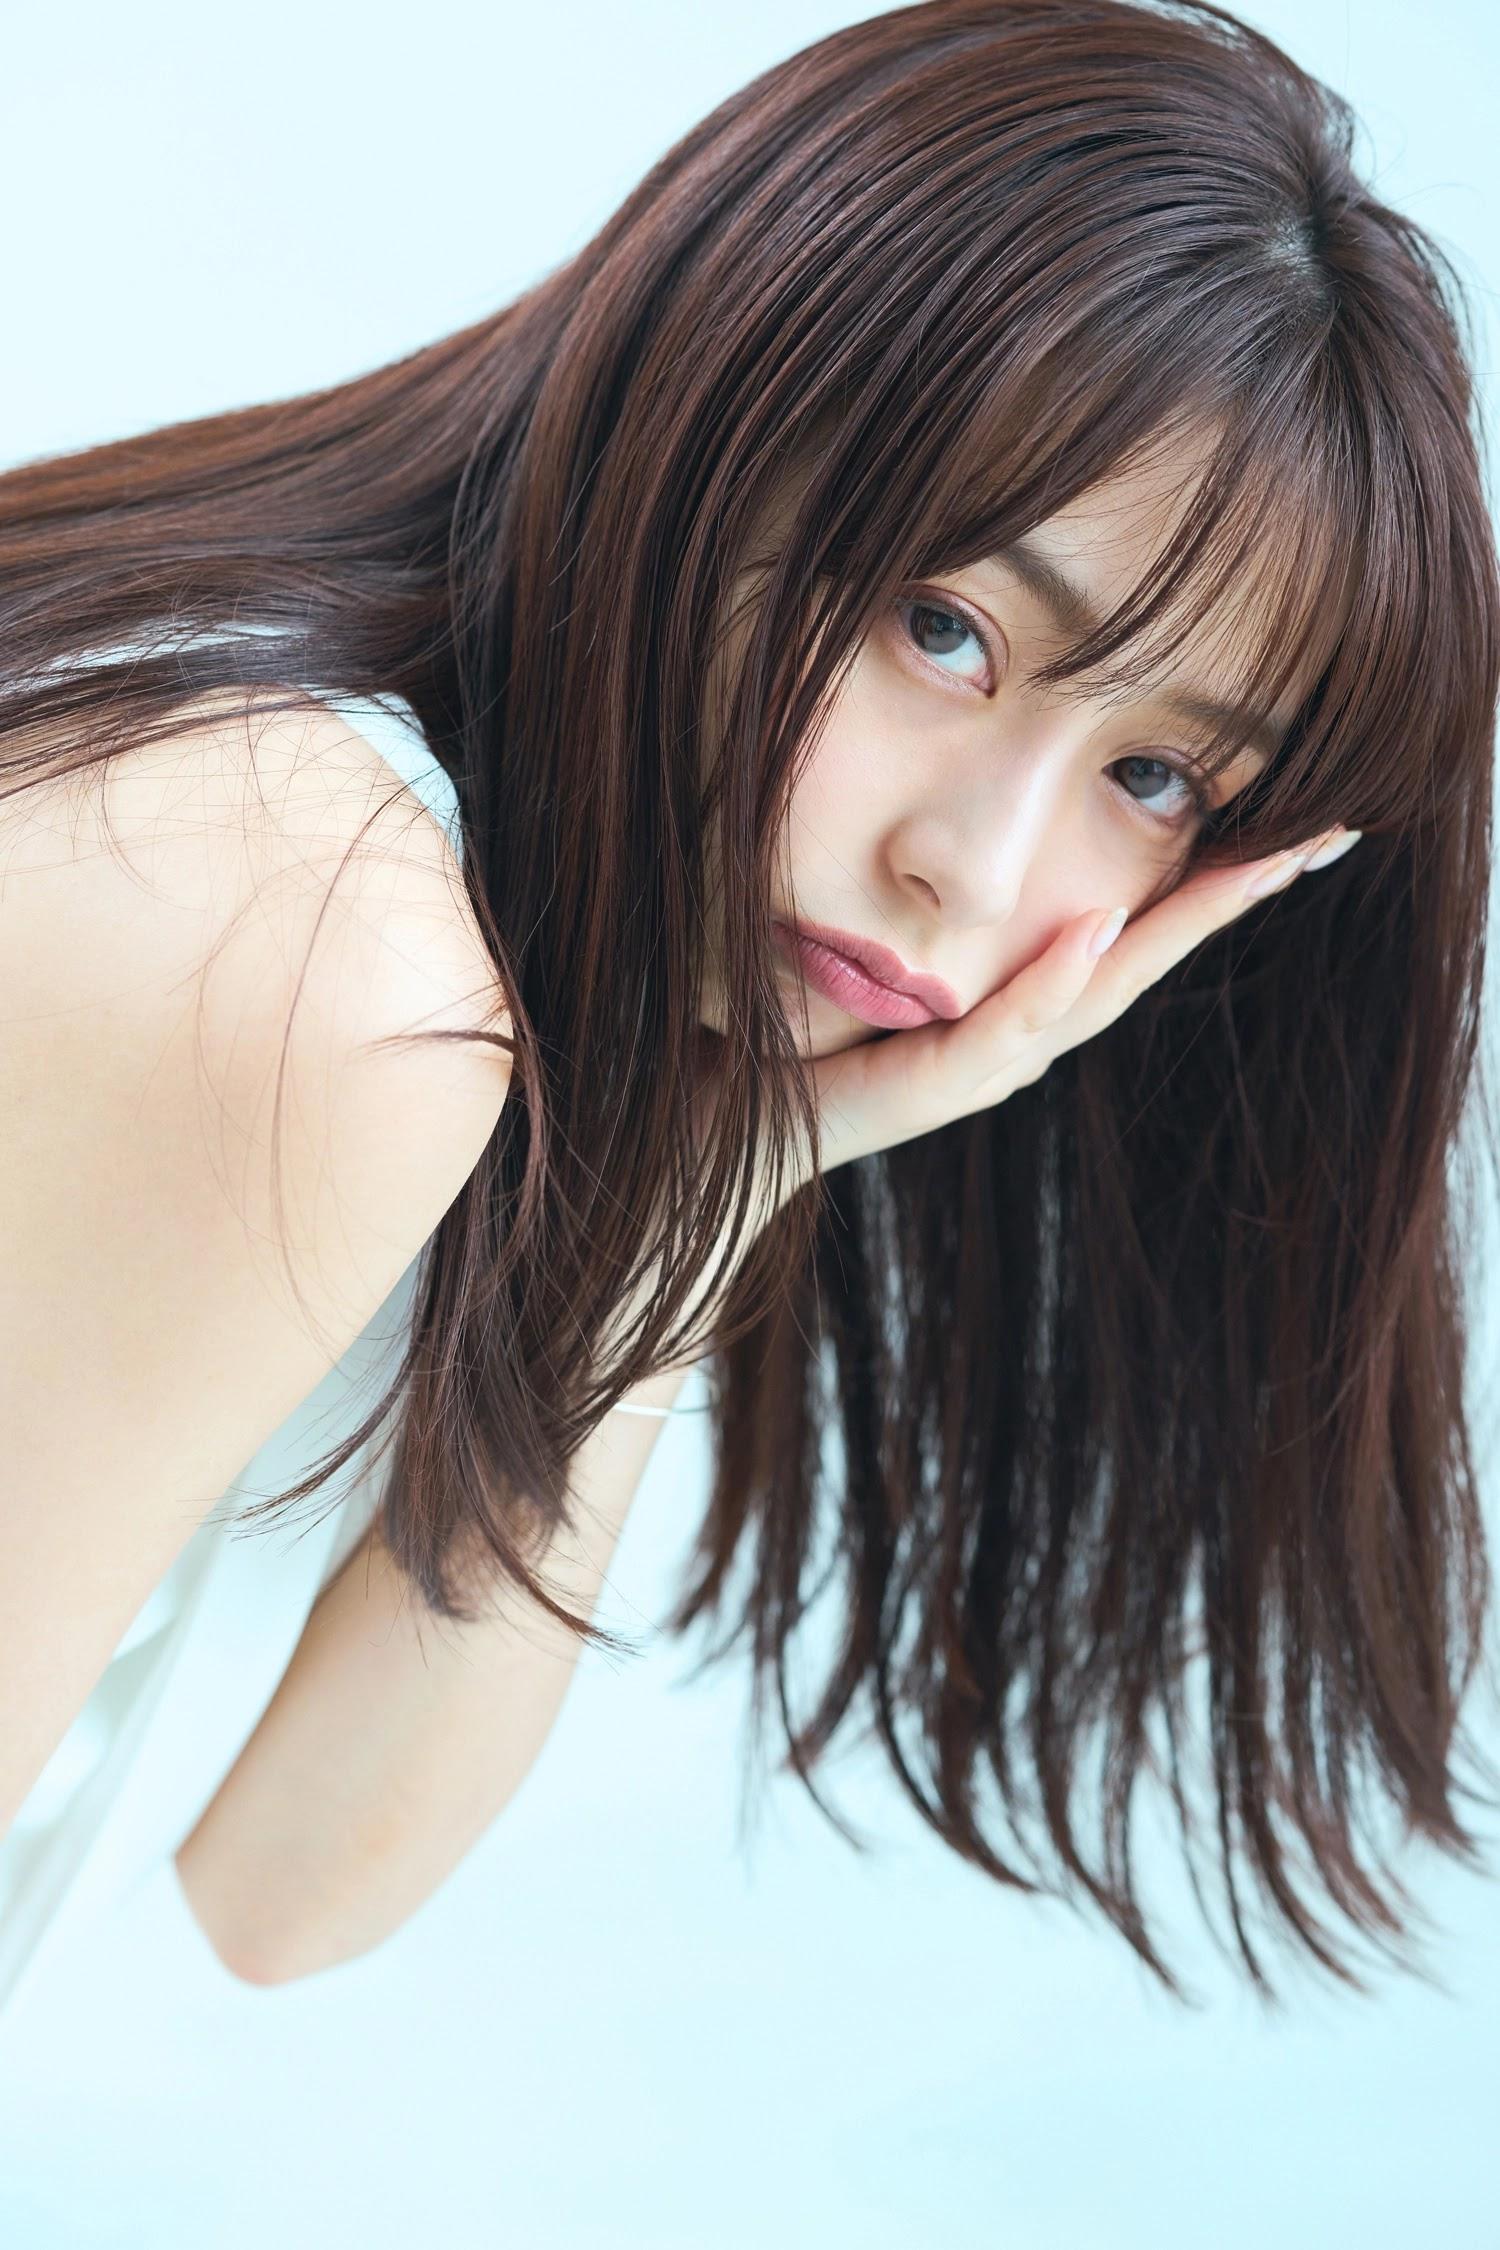 少年Magazine》的封面上 宇垣美里 7N5.NET b01